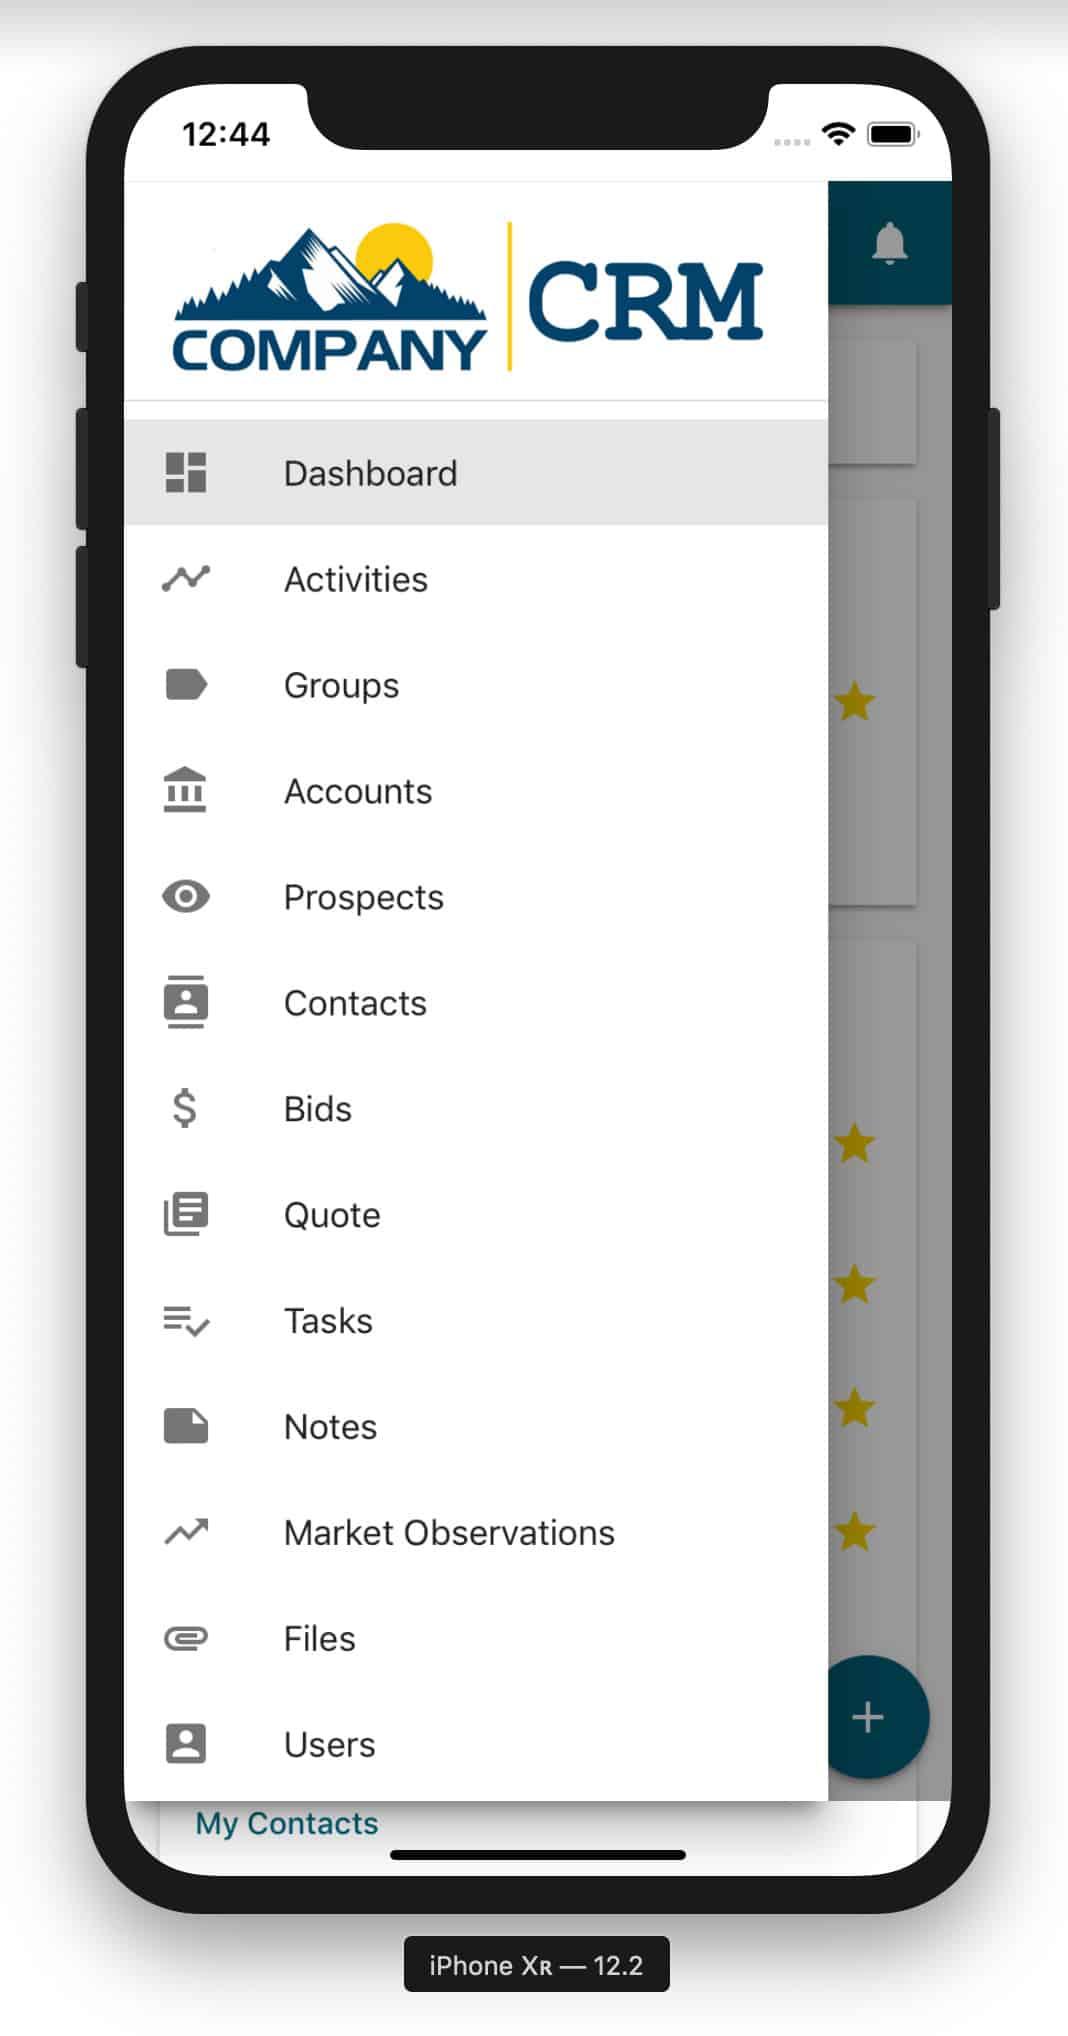 company_crm_screenshot_1